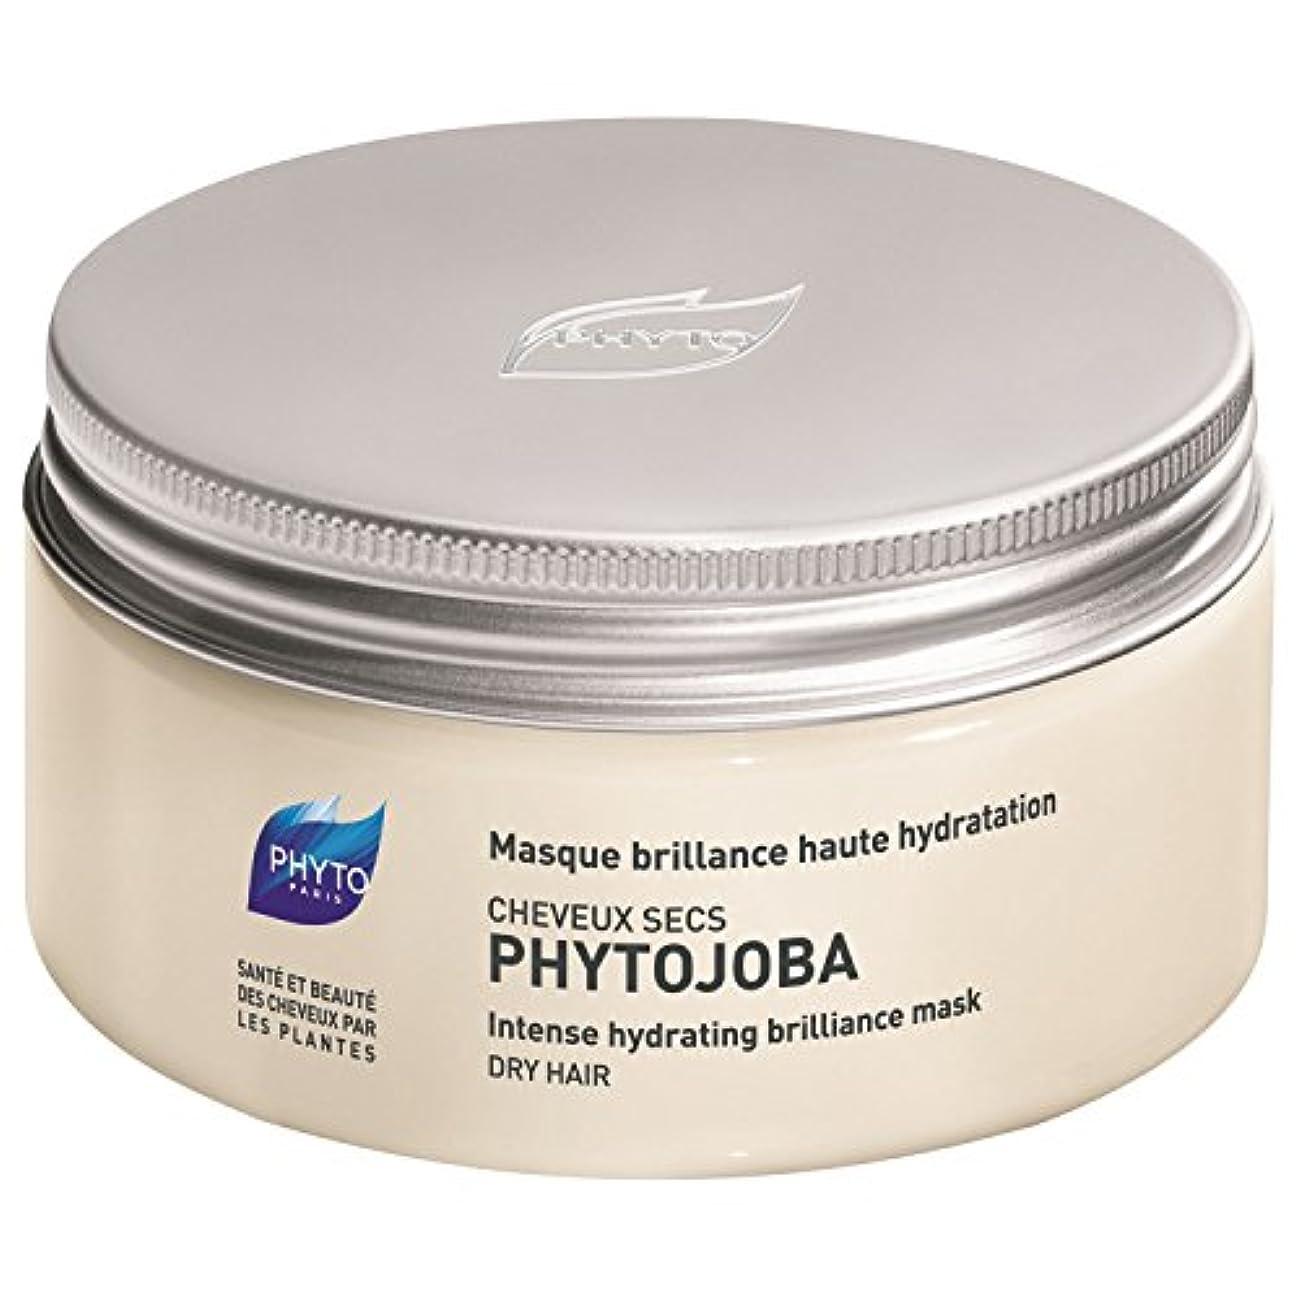 スマート銀おじさんフィトPhytojoba強烈な水分補給マスク200ミリリットル (Phyto) (x2) - Phyto Phytojoba Intense Hydrating Mask 200ml (Pack of 2) [並行輸入品]